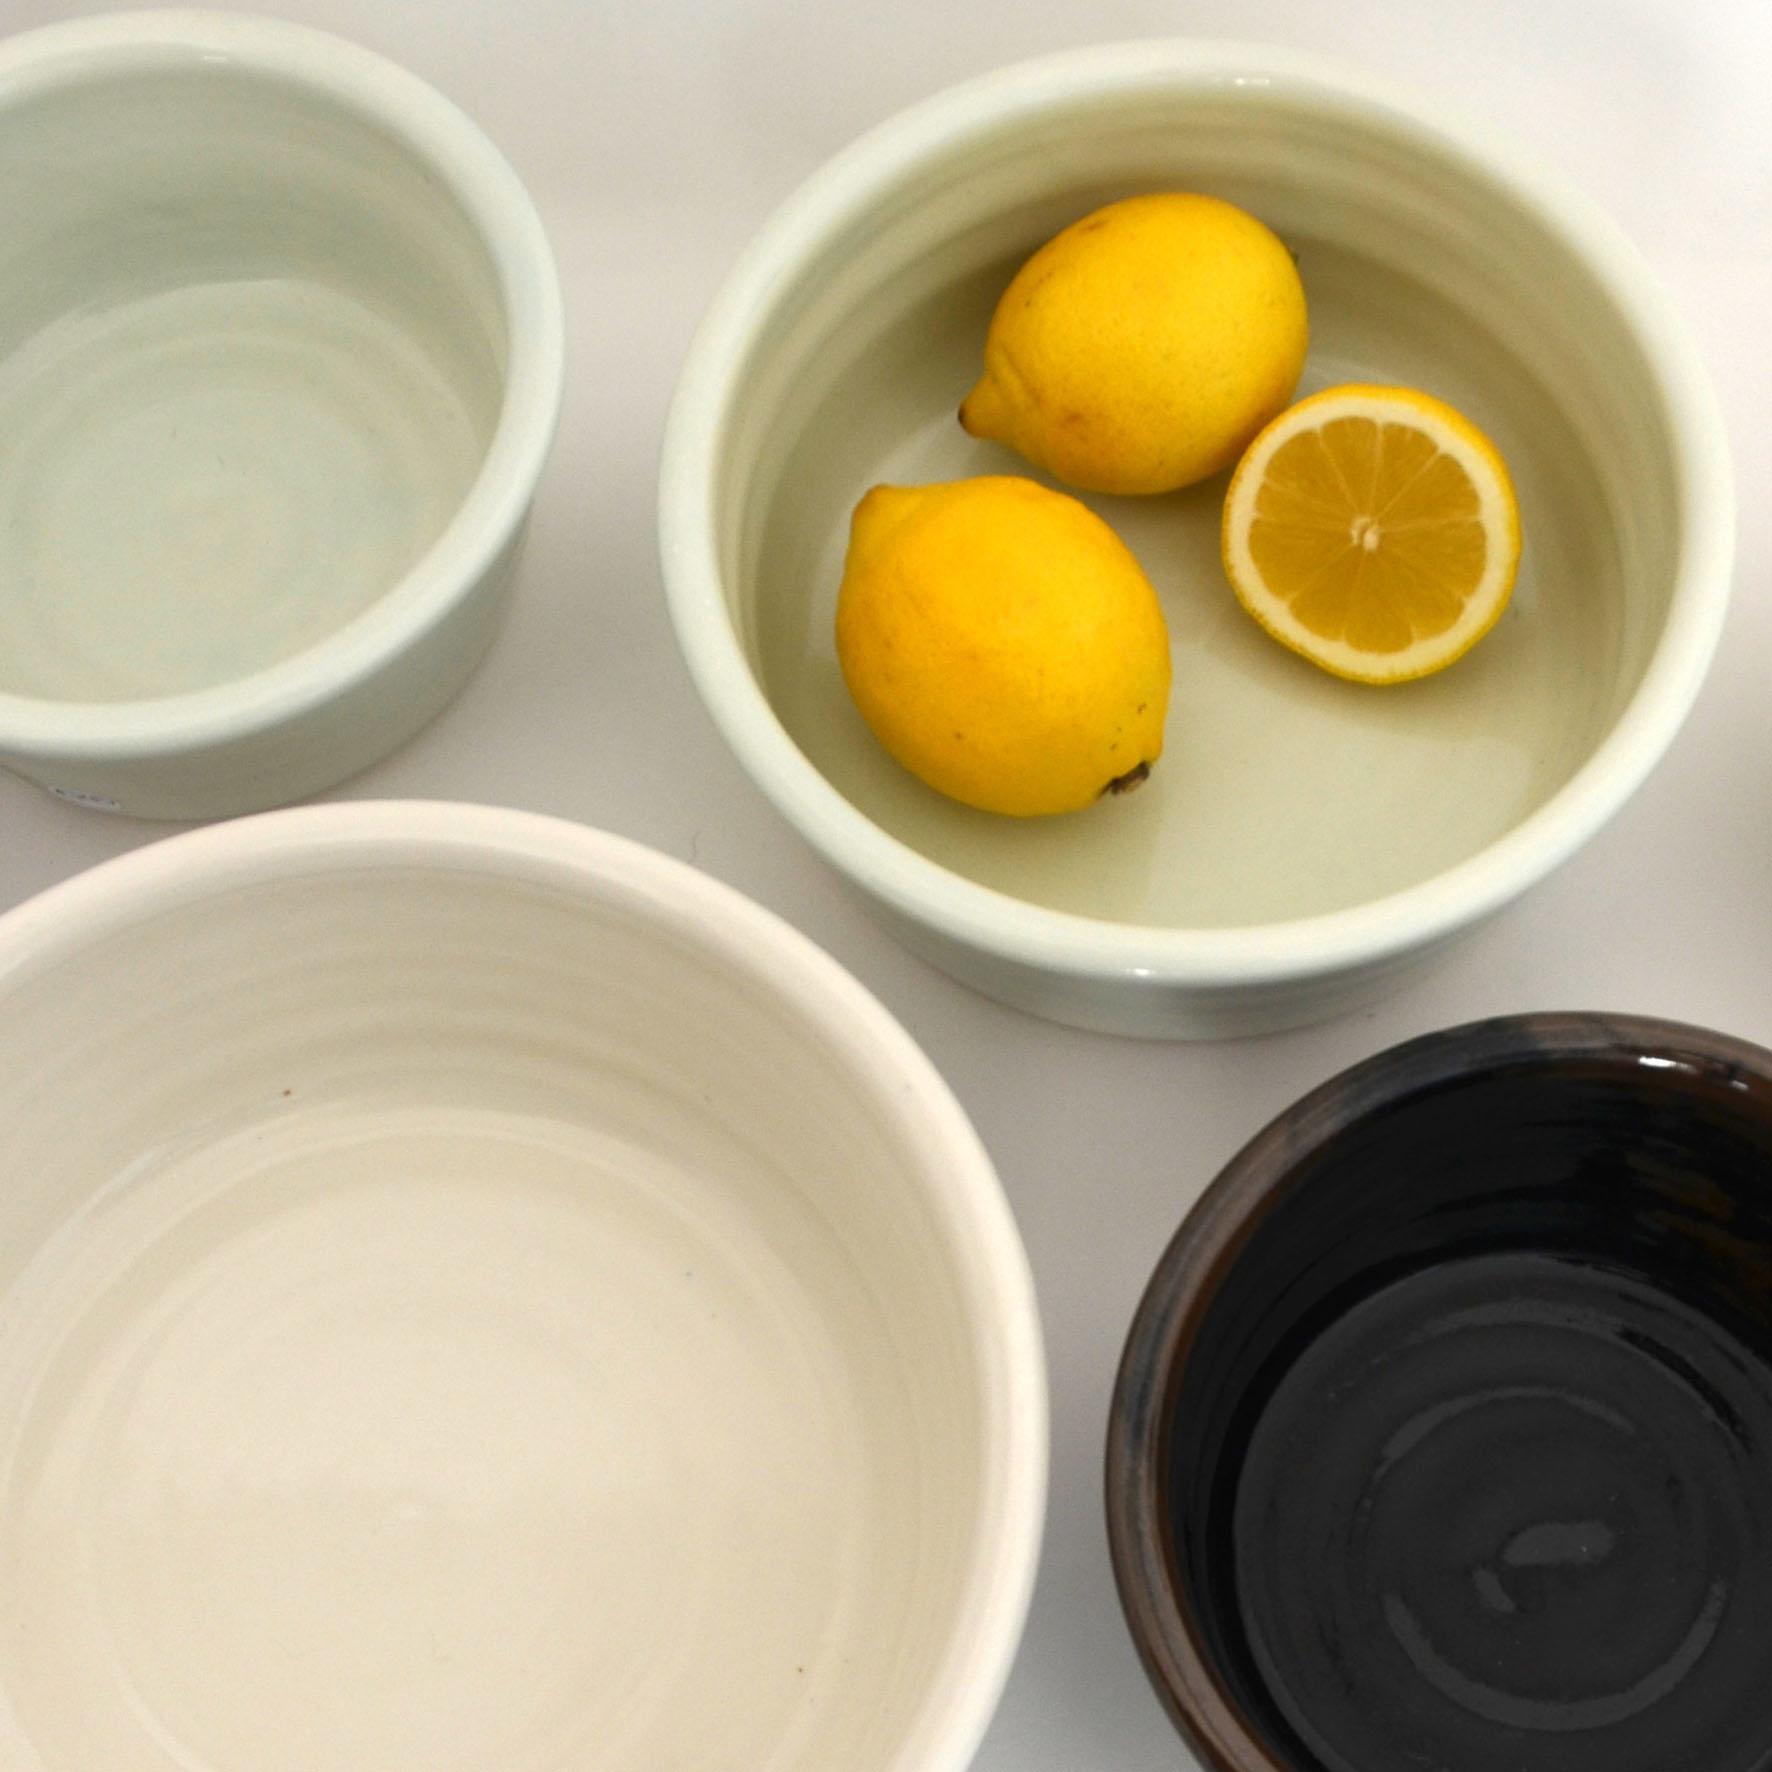 fleen-porcelain- oven-dishes.jpg